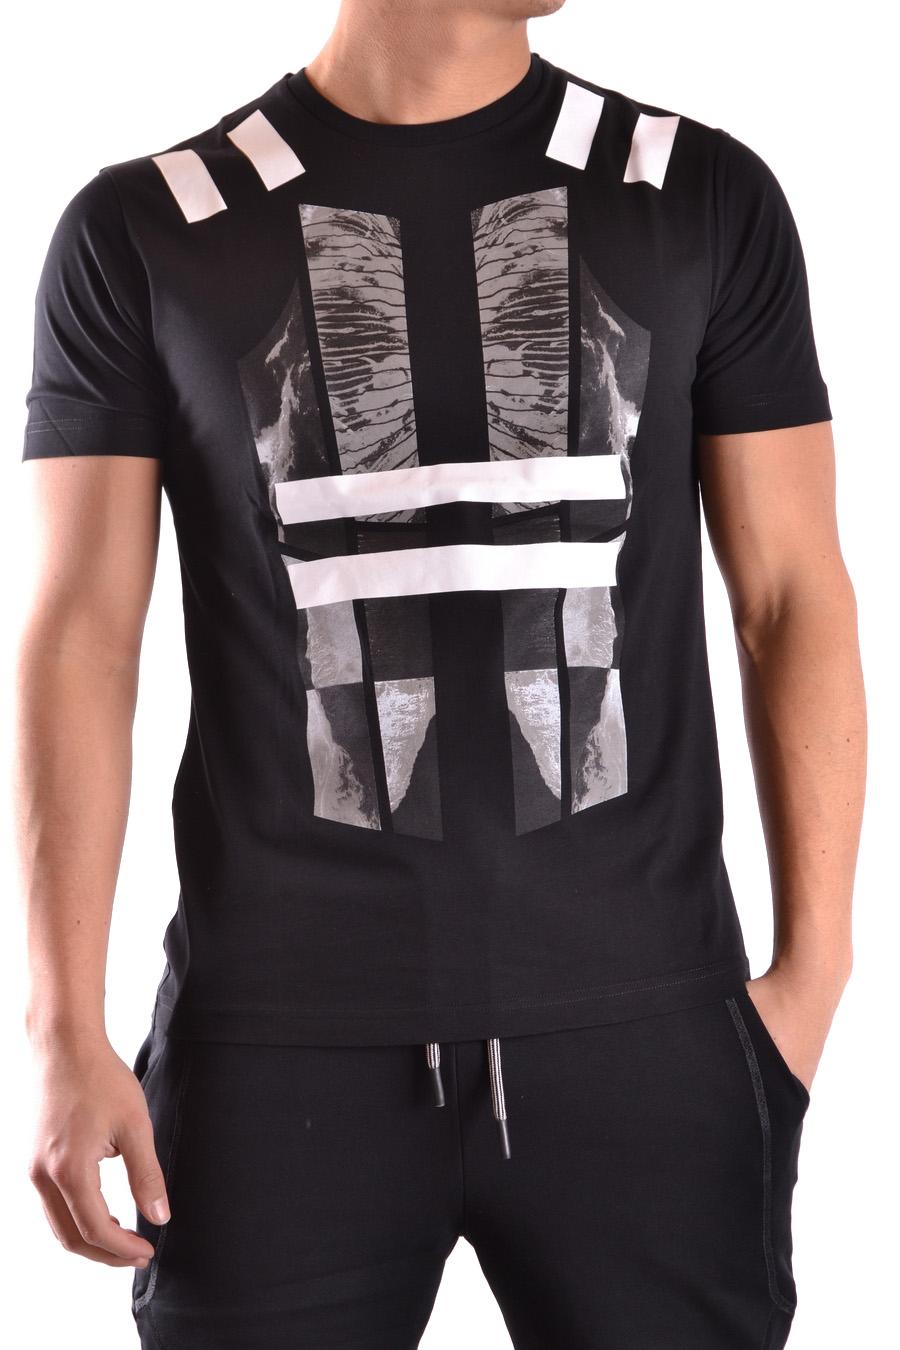 Les Hommes Urban T-shirt GugsVPXklN